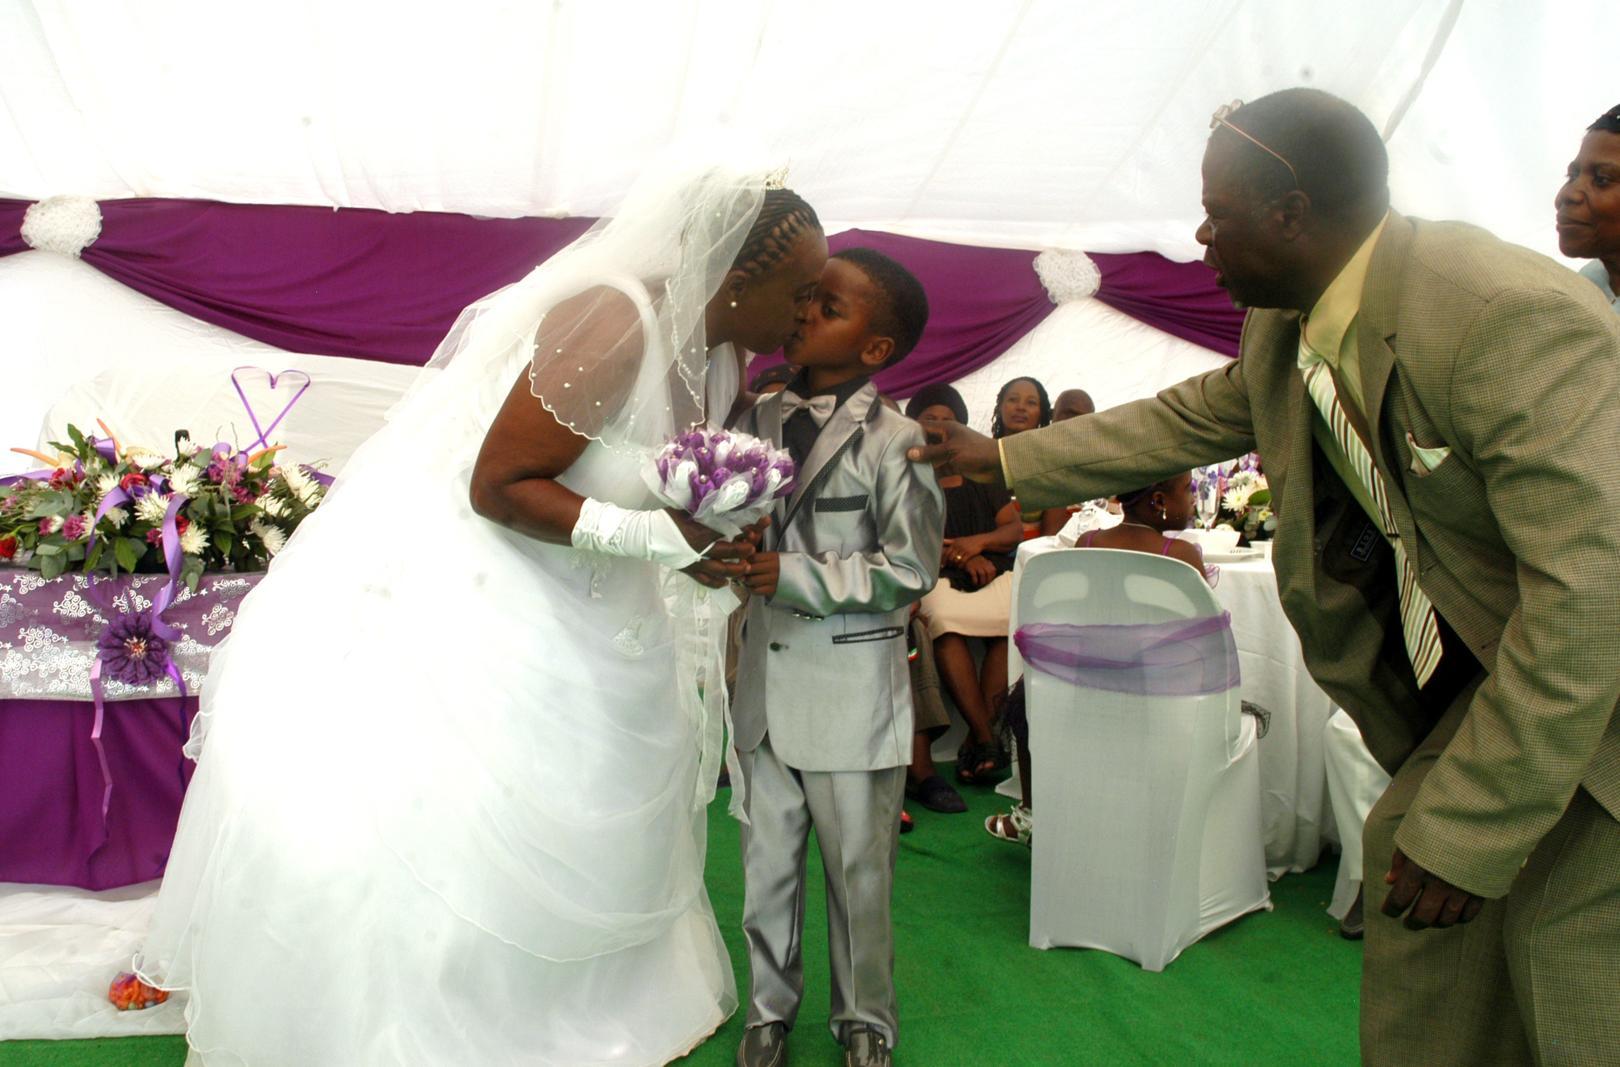 Visi nopūtās, kad uzzināja, ka 8 gadus jauns puika precās ar 61 gadu vecu sievieti